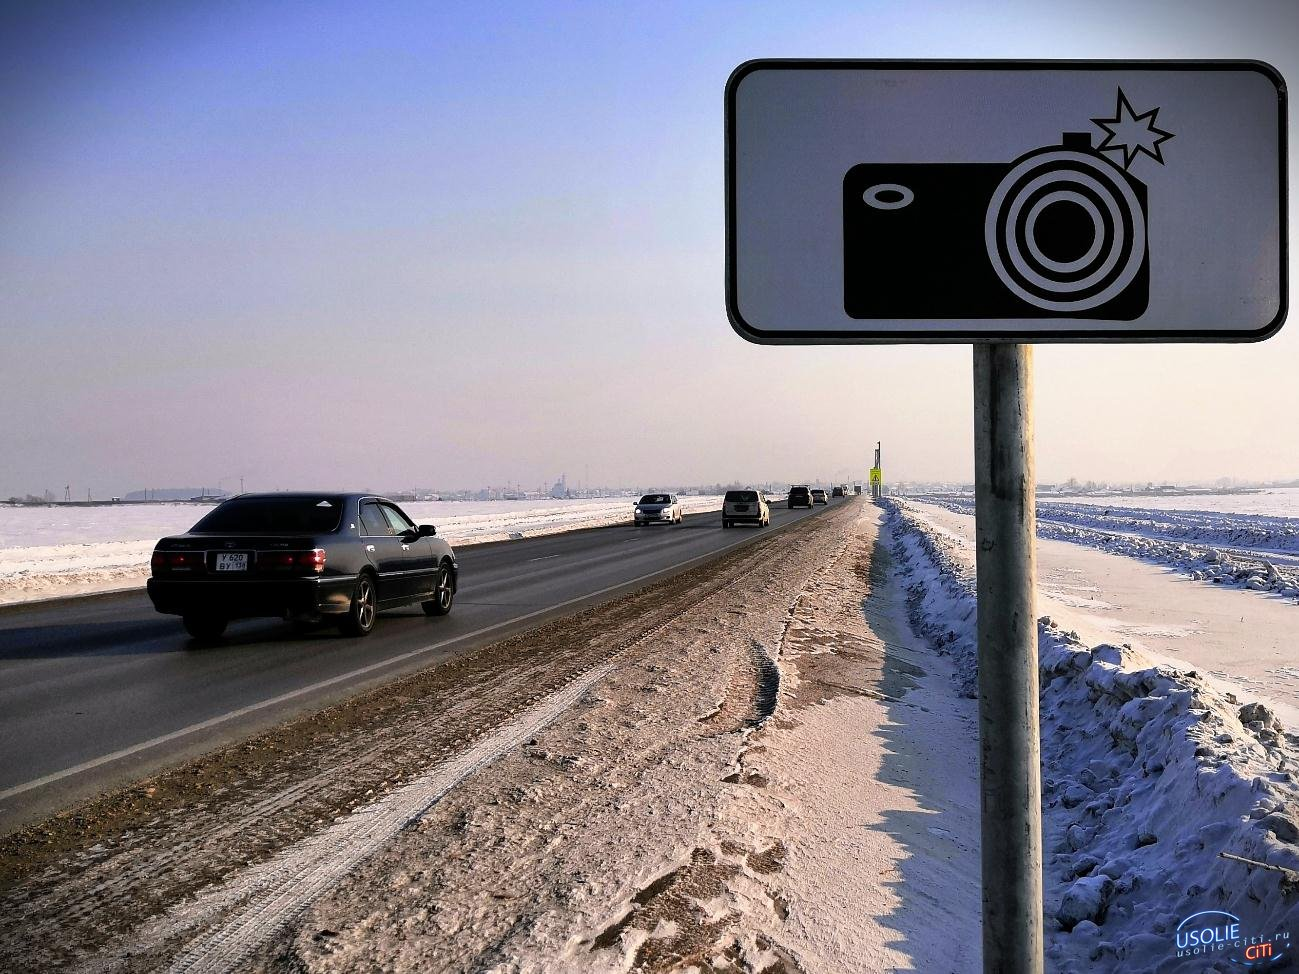 В Усолье установили камеры на пешеходных переходах